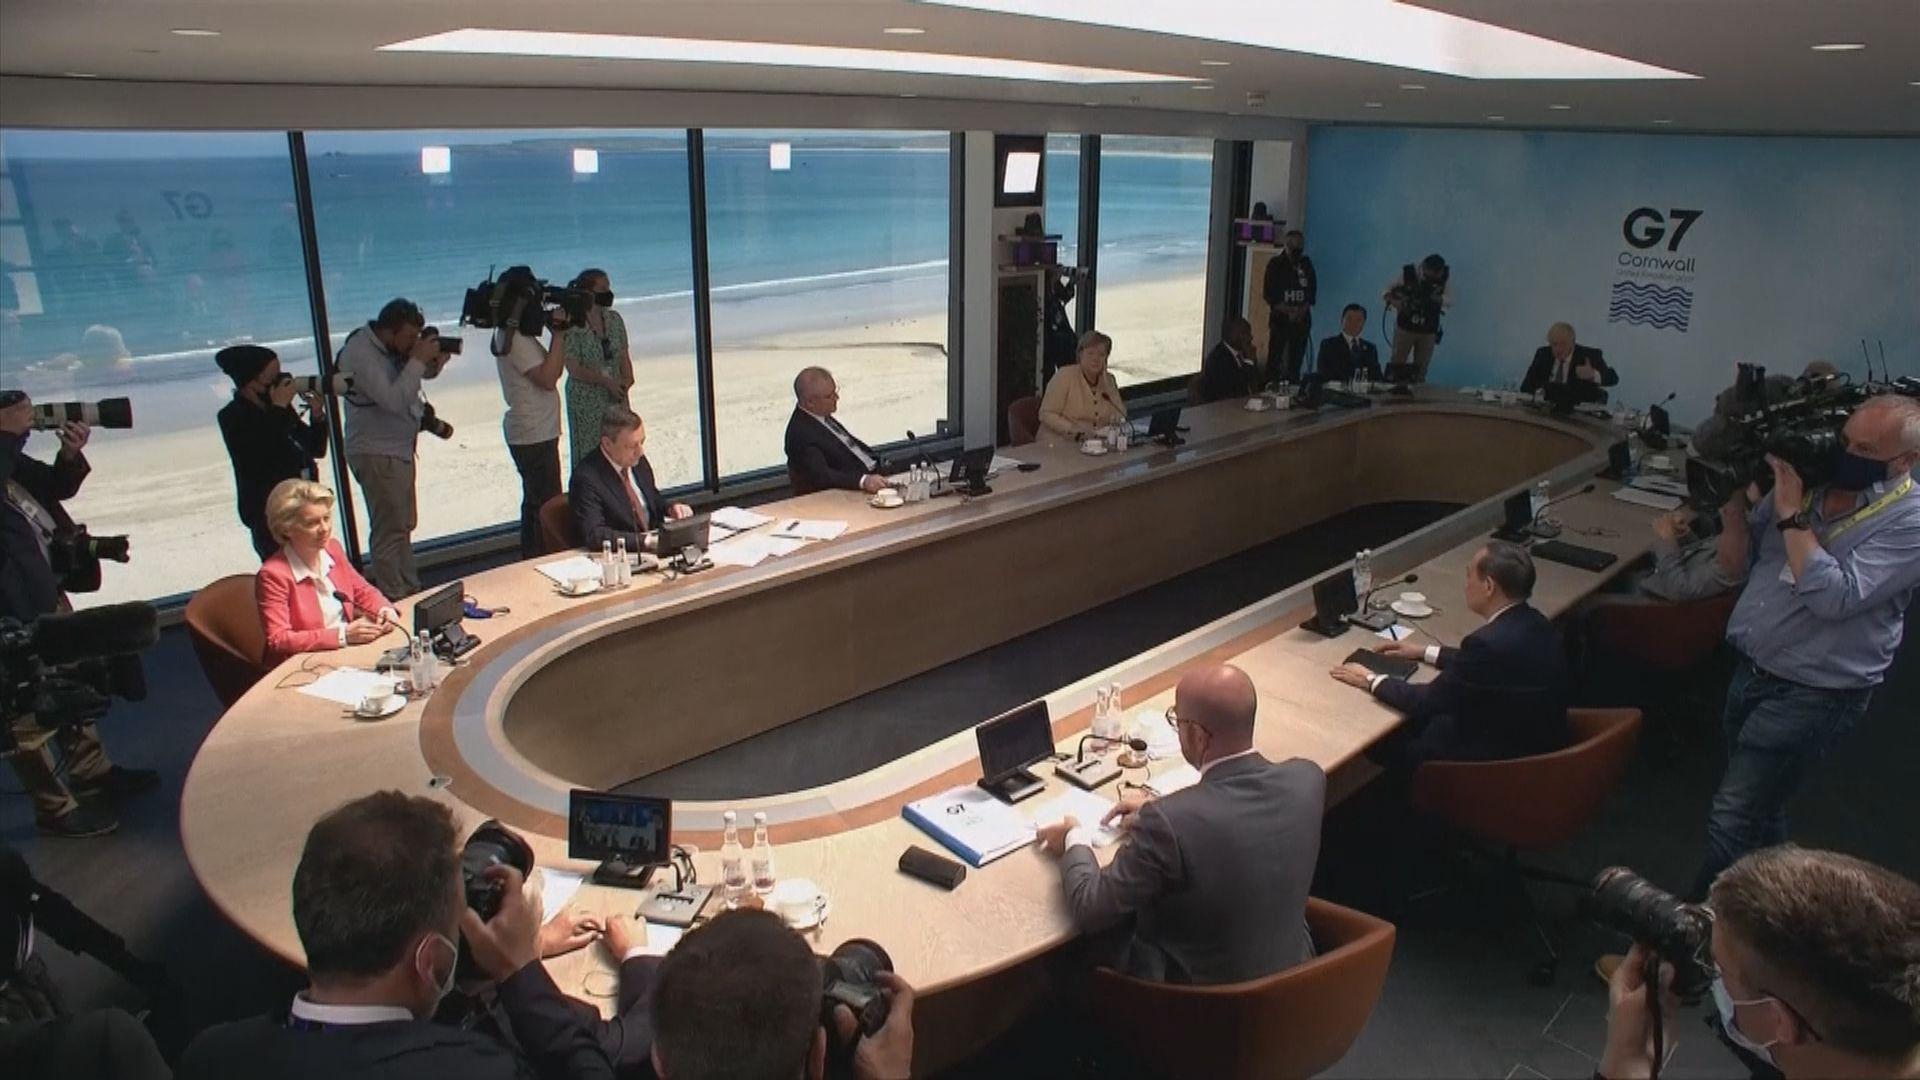 七國集團峰會結束 各國對如何應對中國現分歧